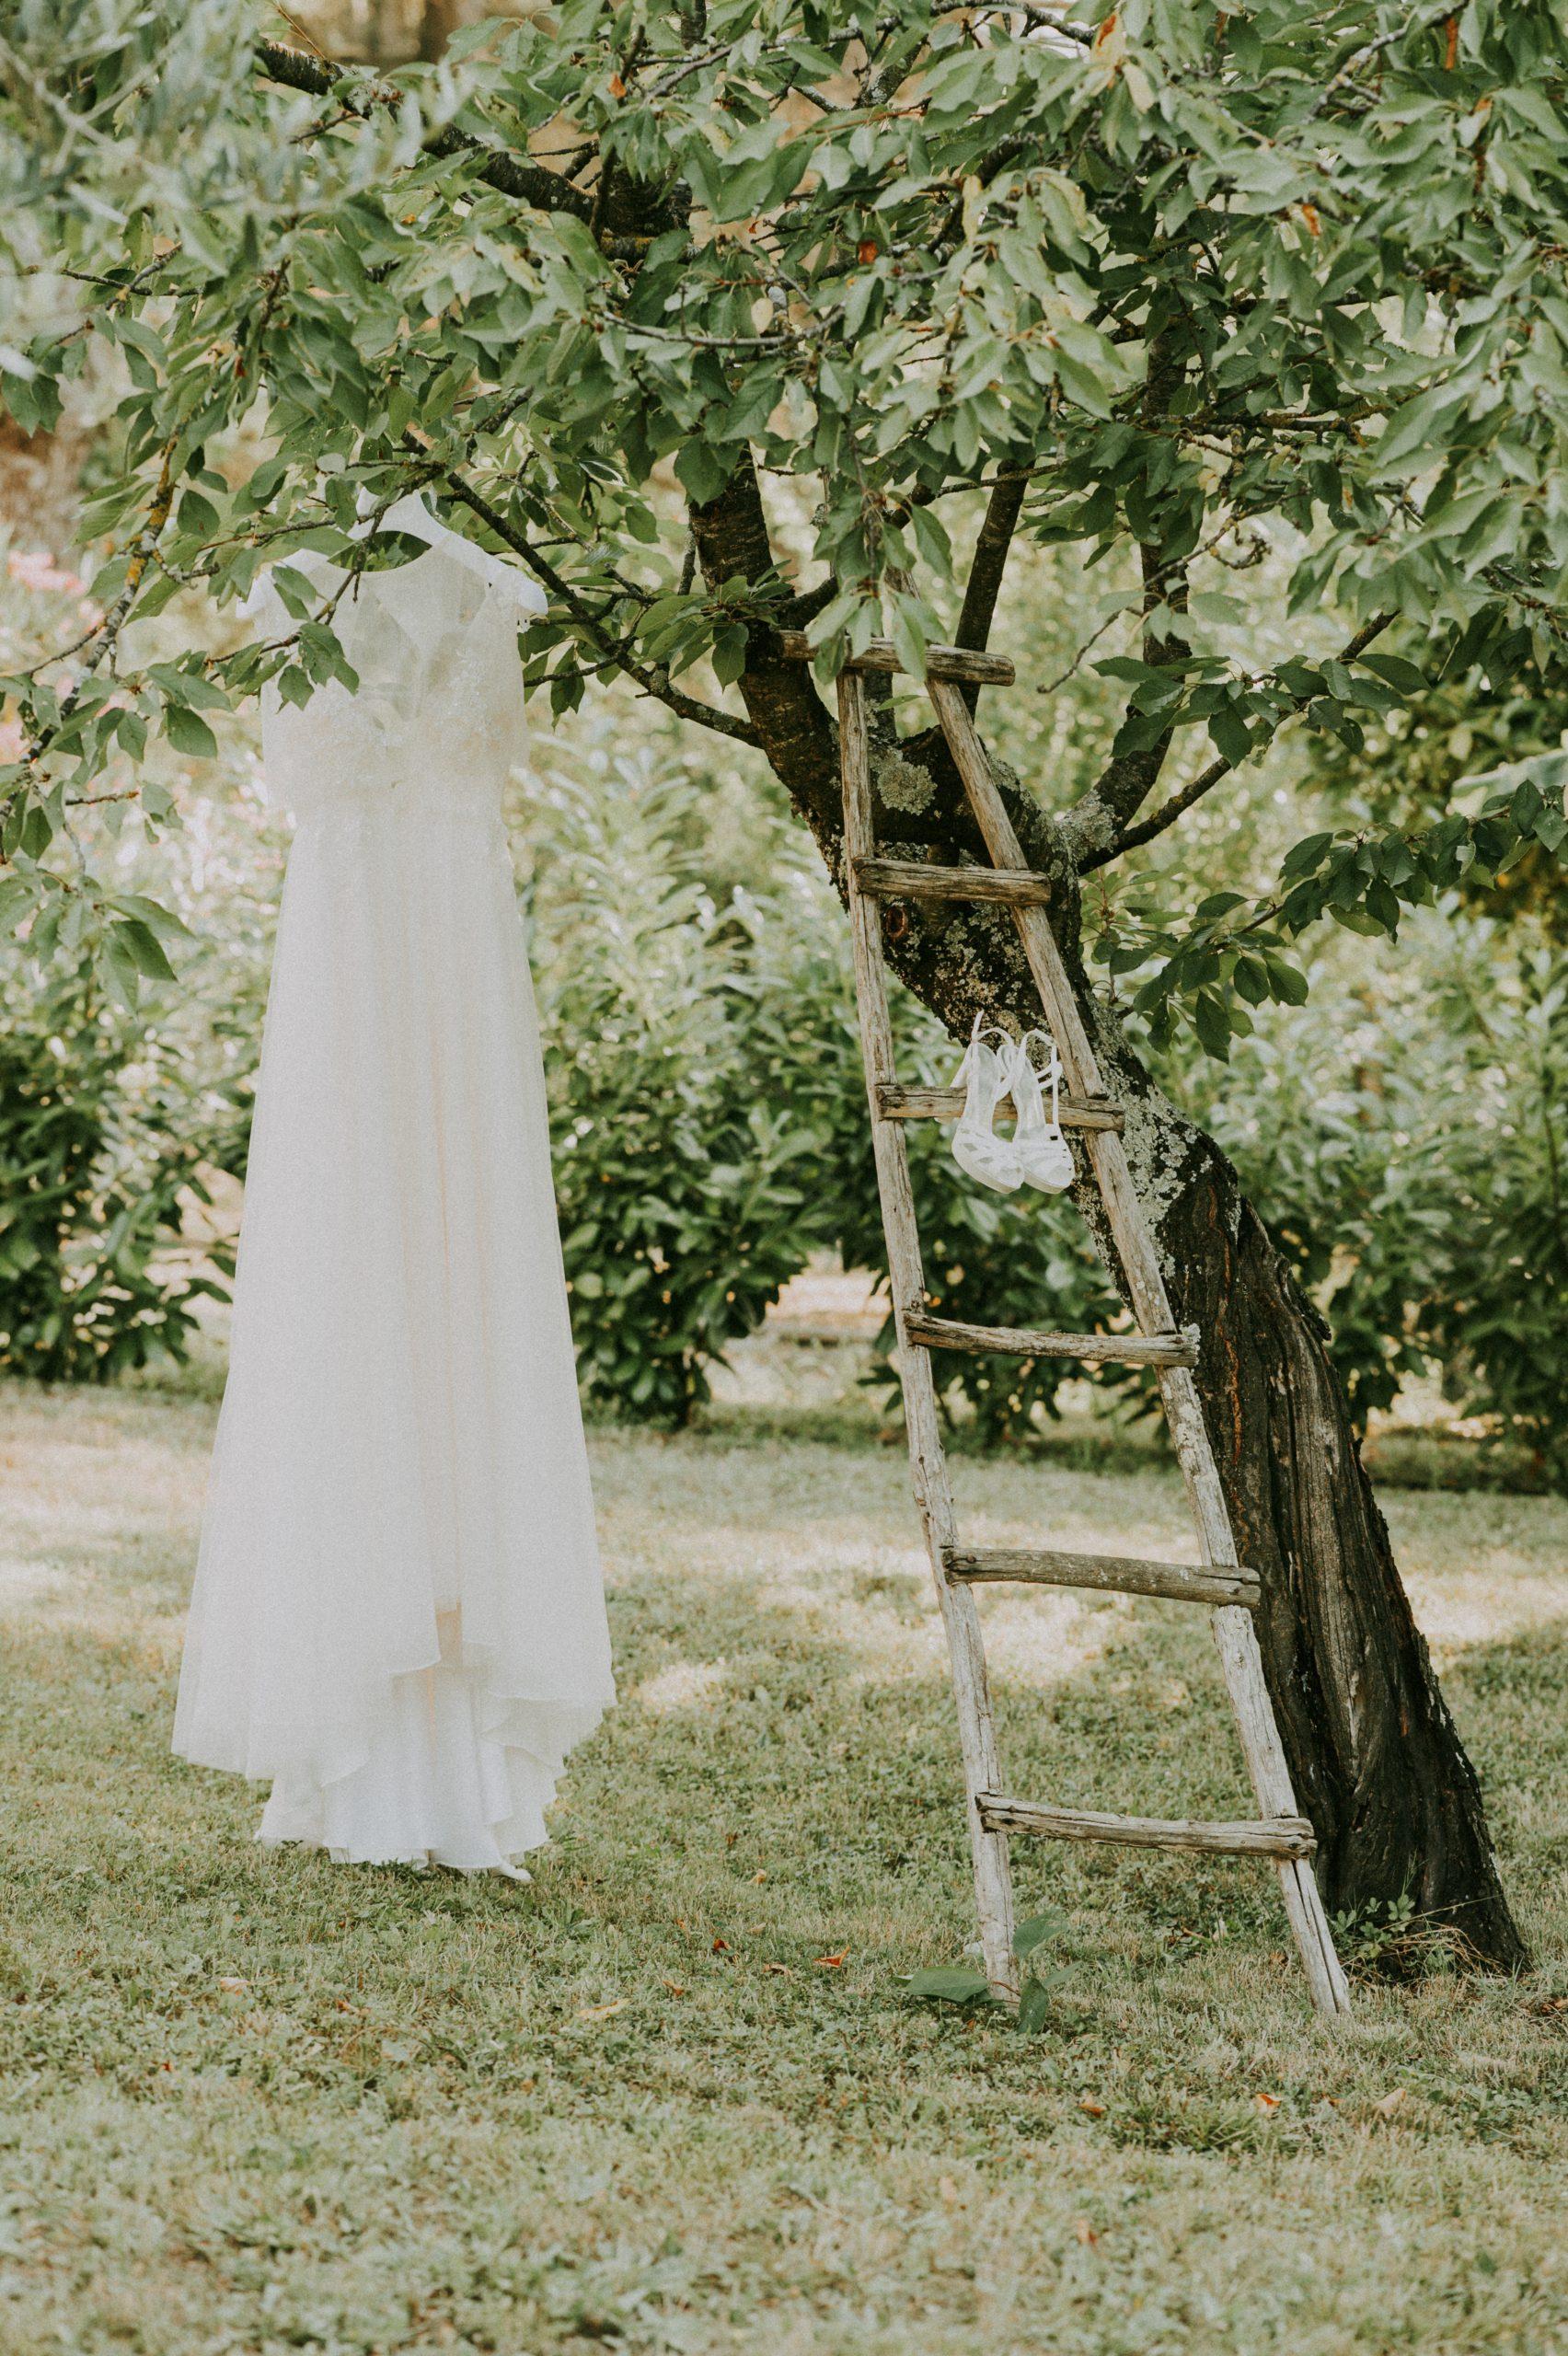 Abito sposa appeso all'albero in giardino